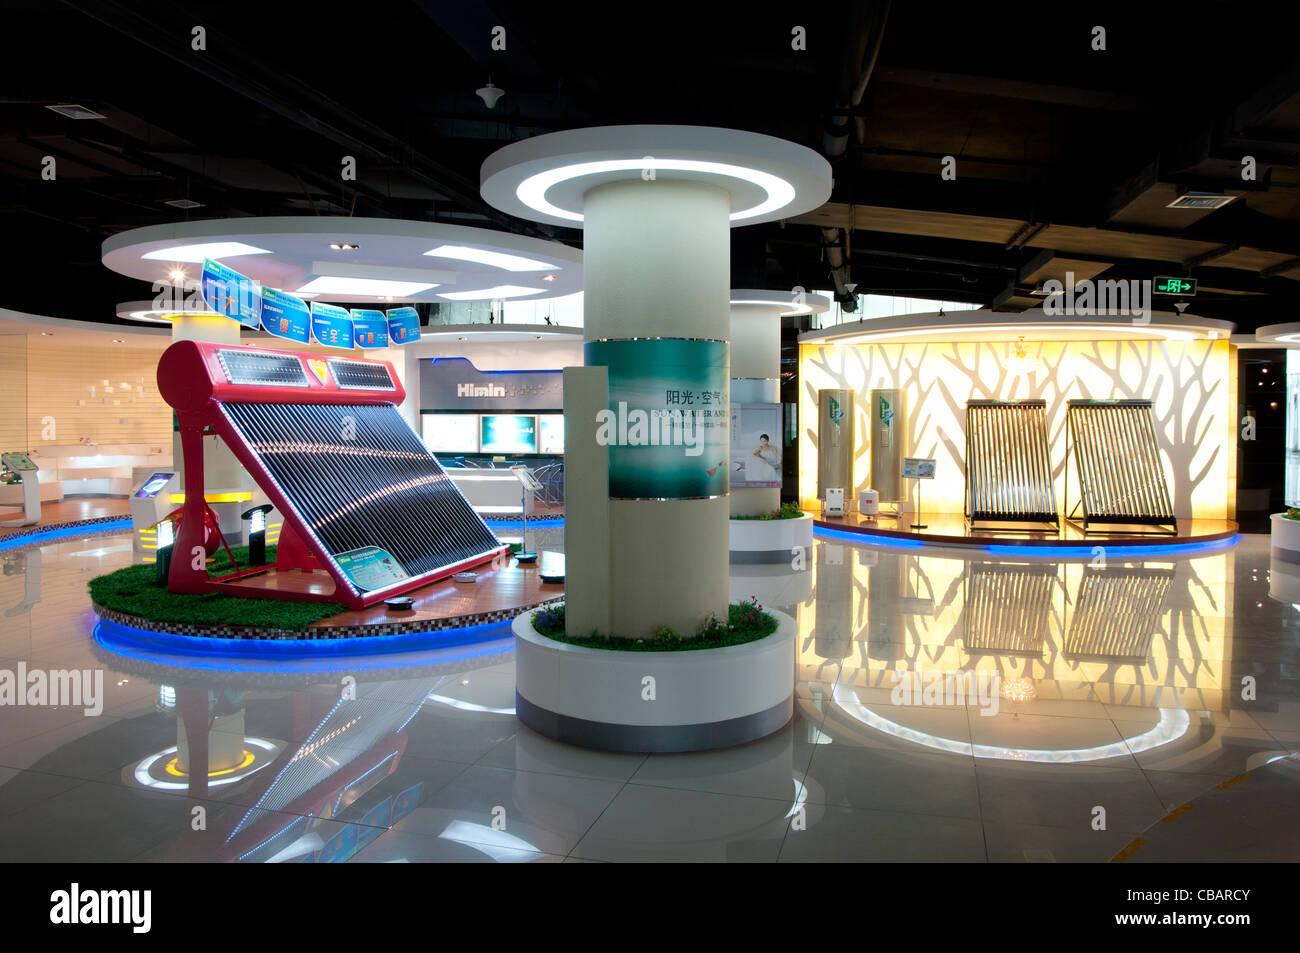 Lo show room di himin Solar Corporation, una fabbrica cinese leader nella produzione di caloriferi di acqua solari. Immagini Stock